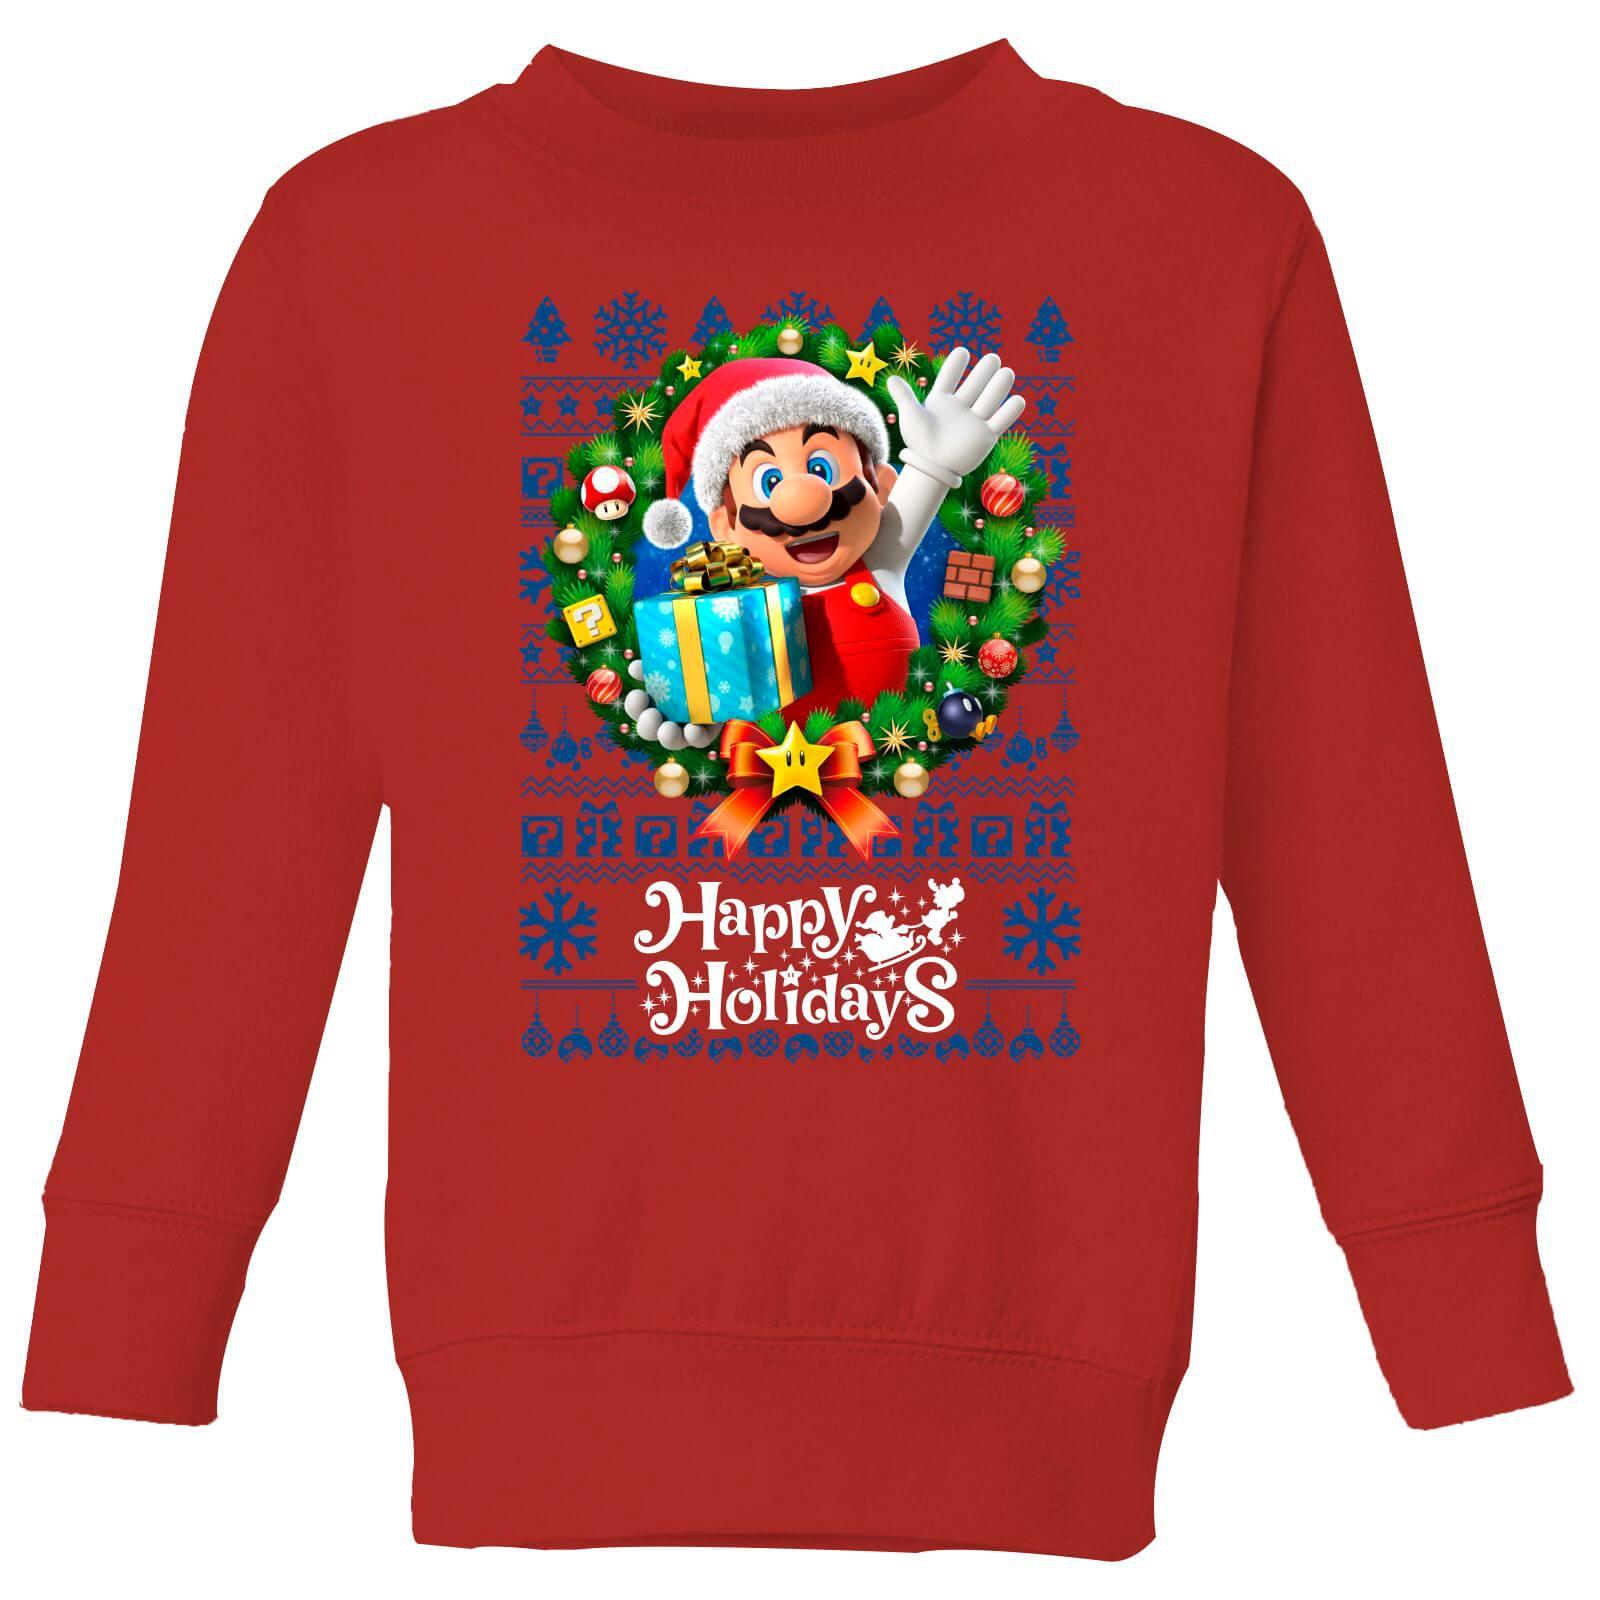 2 kinder kersttruien van bekende franchises voor €22 (Bijv Nintendo, Disney, Star Wars)